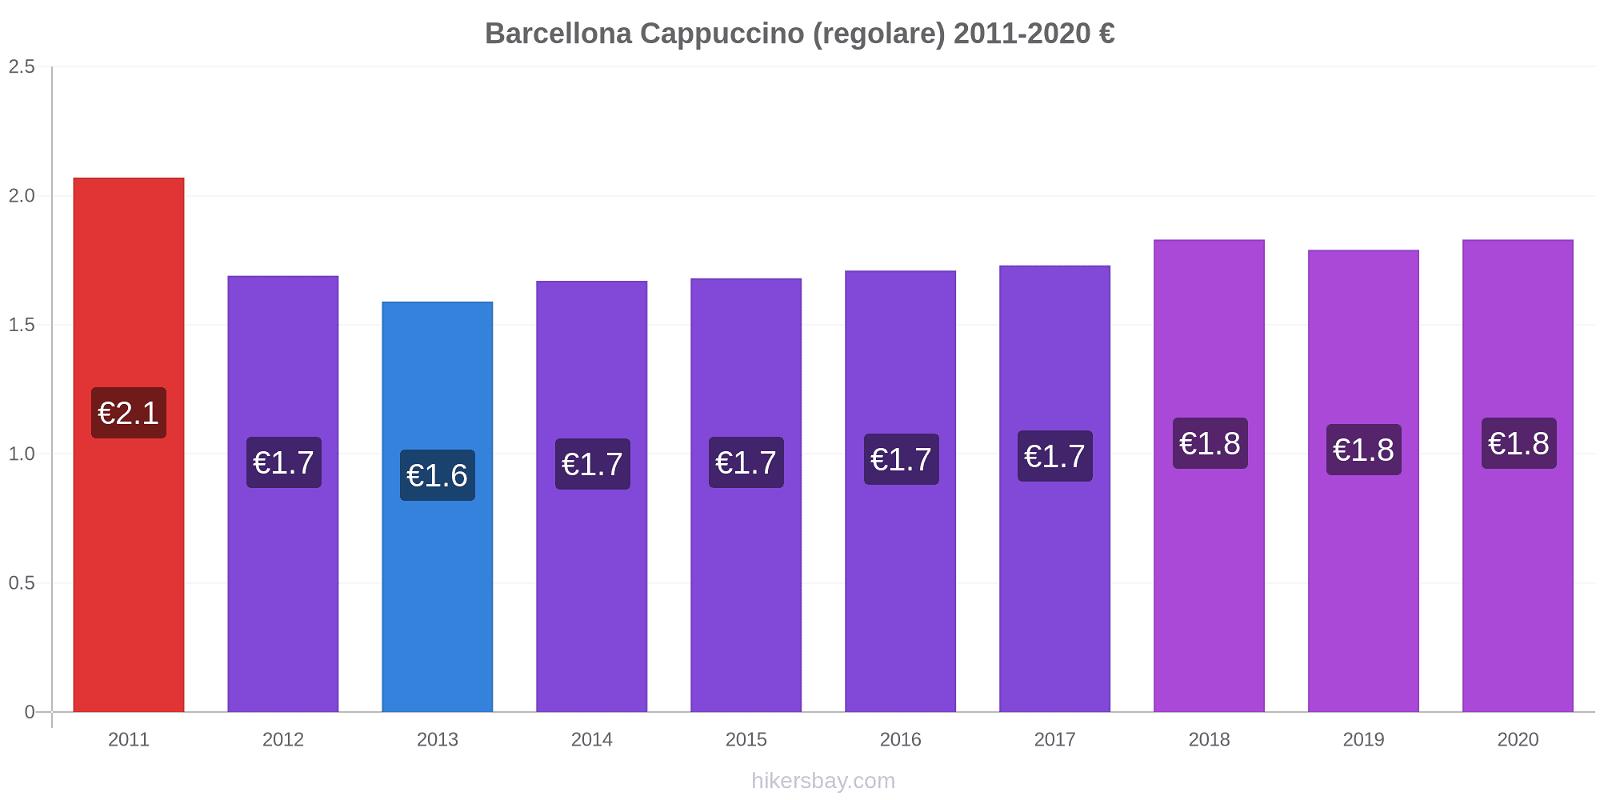 Barcellona variazioni di prezzo Cappuccino (normale) hikersbay.com